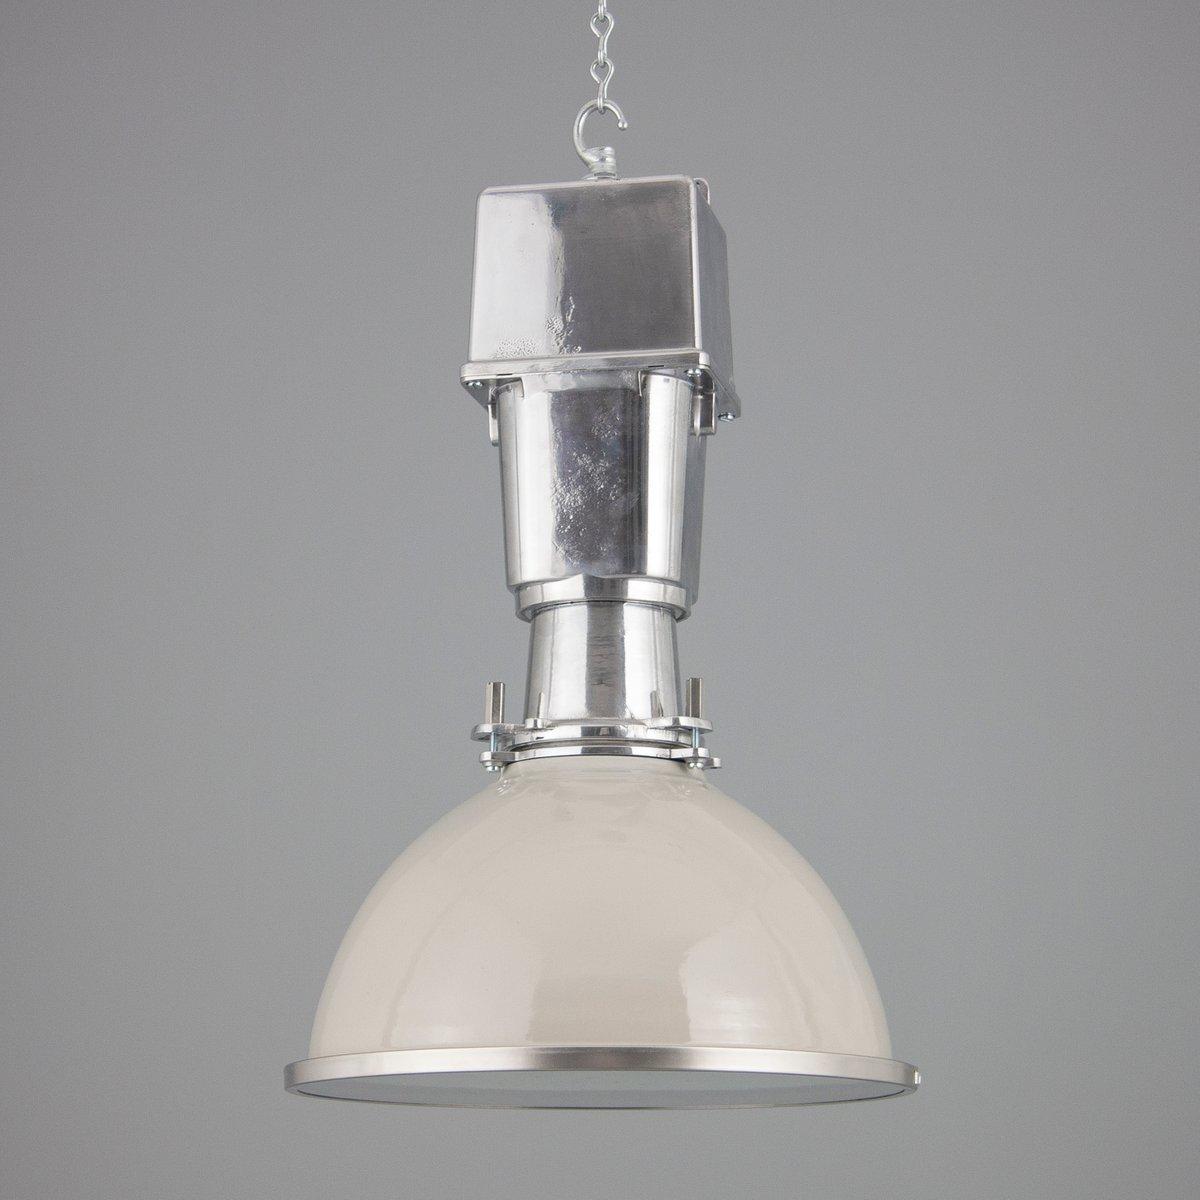 Britische Fabrik Deckenlampe von Thorlux, 1950er